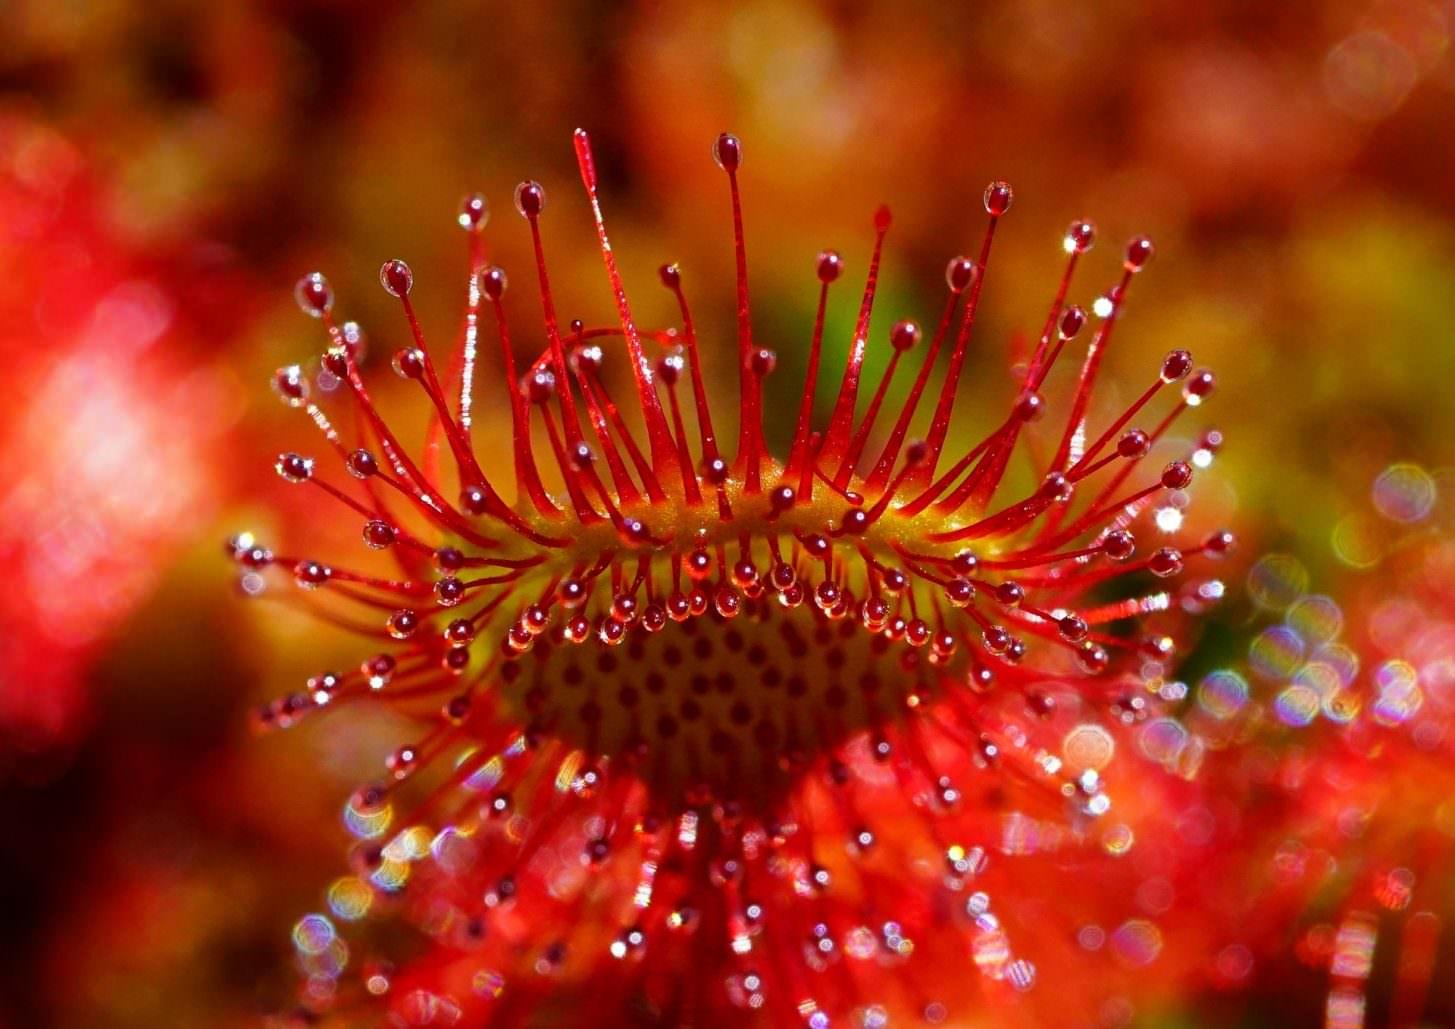 Flore de l'Aude, drasena ©Hans Braxmeier-Pixabay